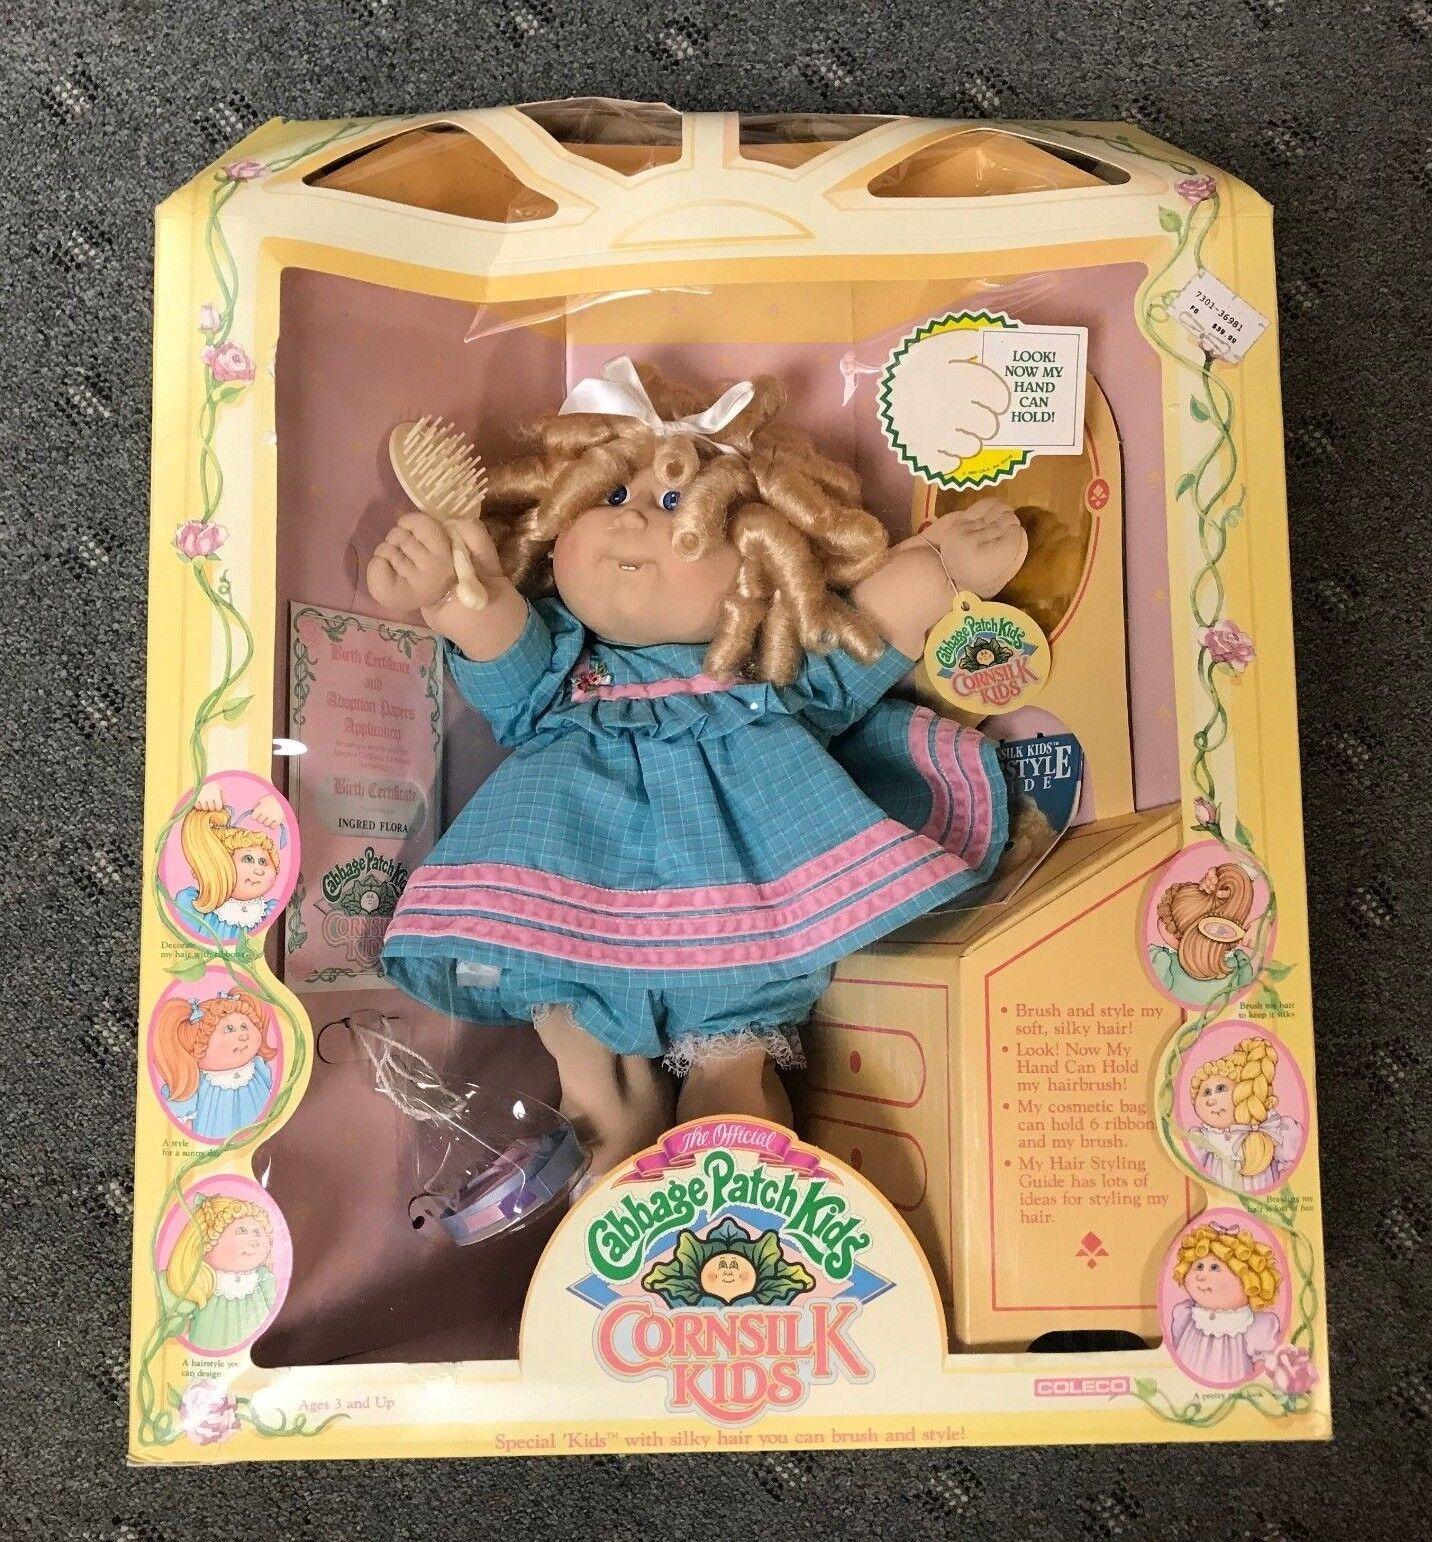 1986 Cabbage Patch Kids helechos niños Ingrojo Flora